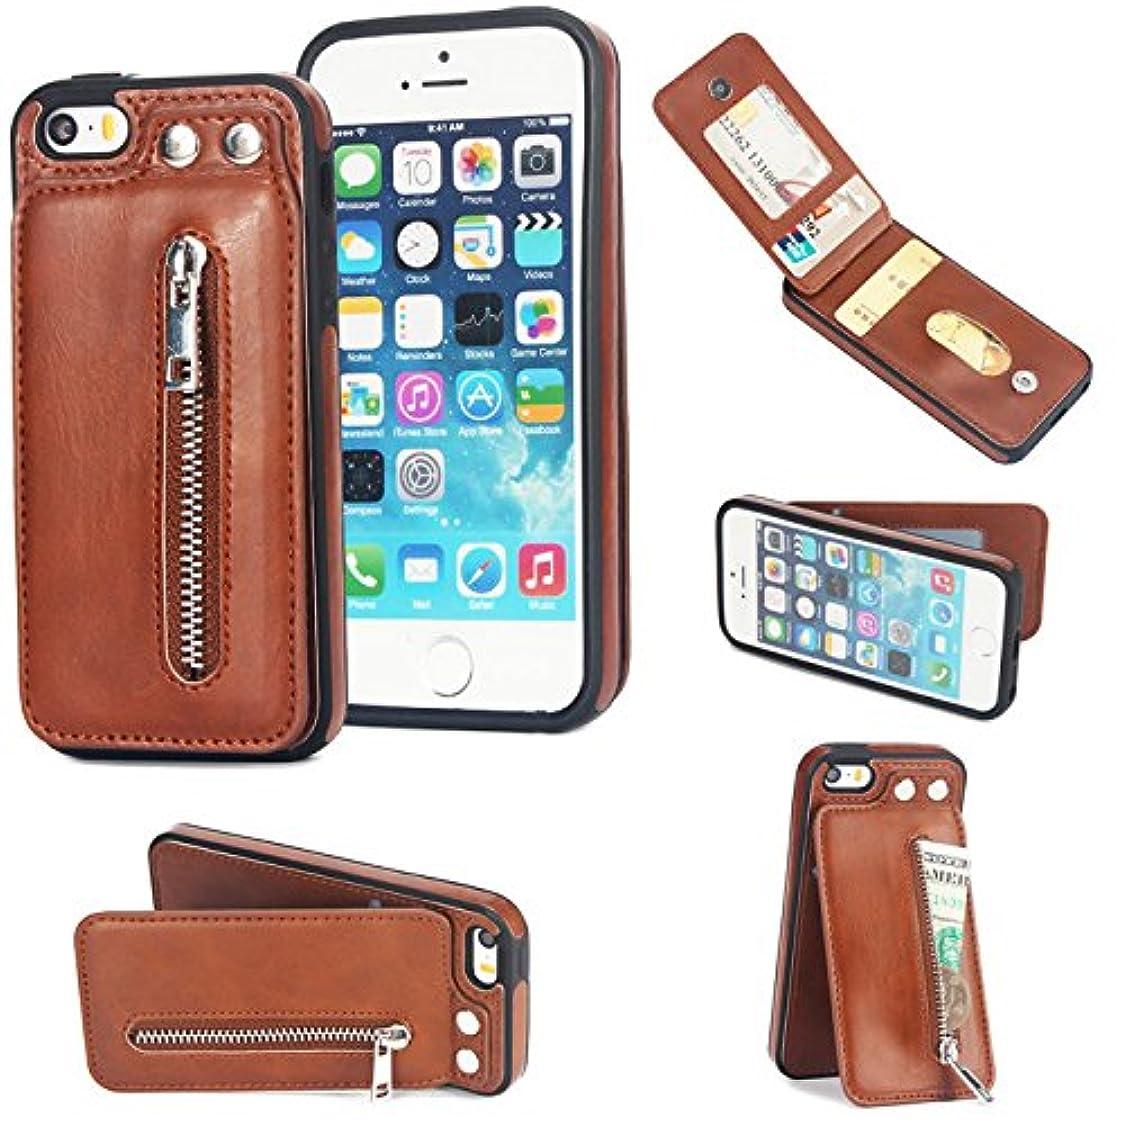 正統派従来の楽観iPhone SE ケース, Abtory カード入れカバー カードスロットホルダー付 全面保護 スマホケース For iPhone SE/iPhone 5S Brown